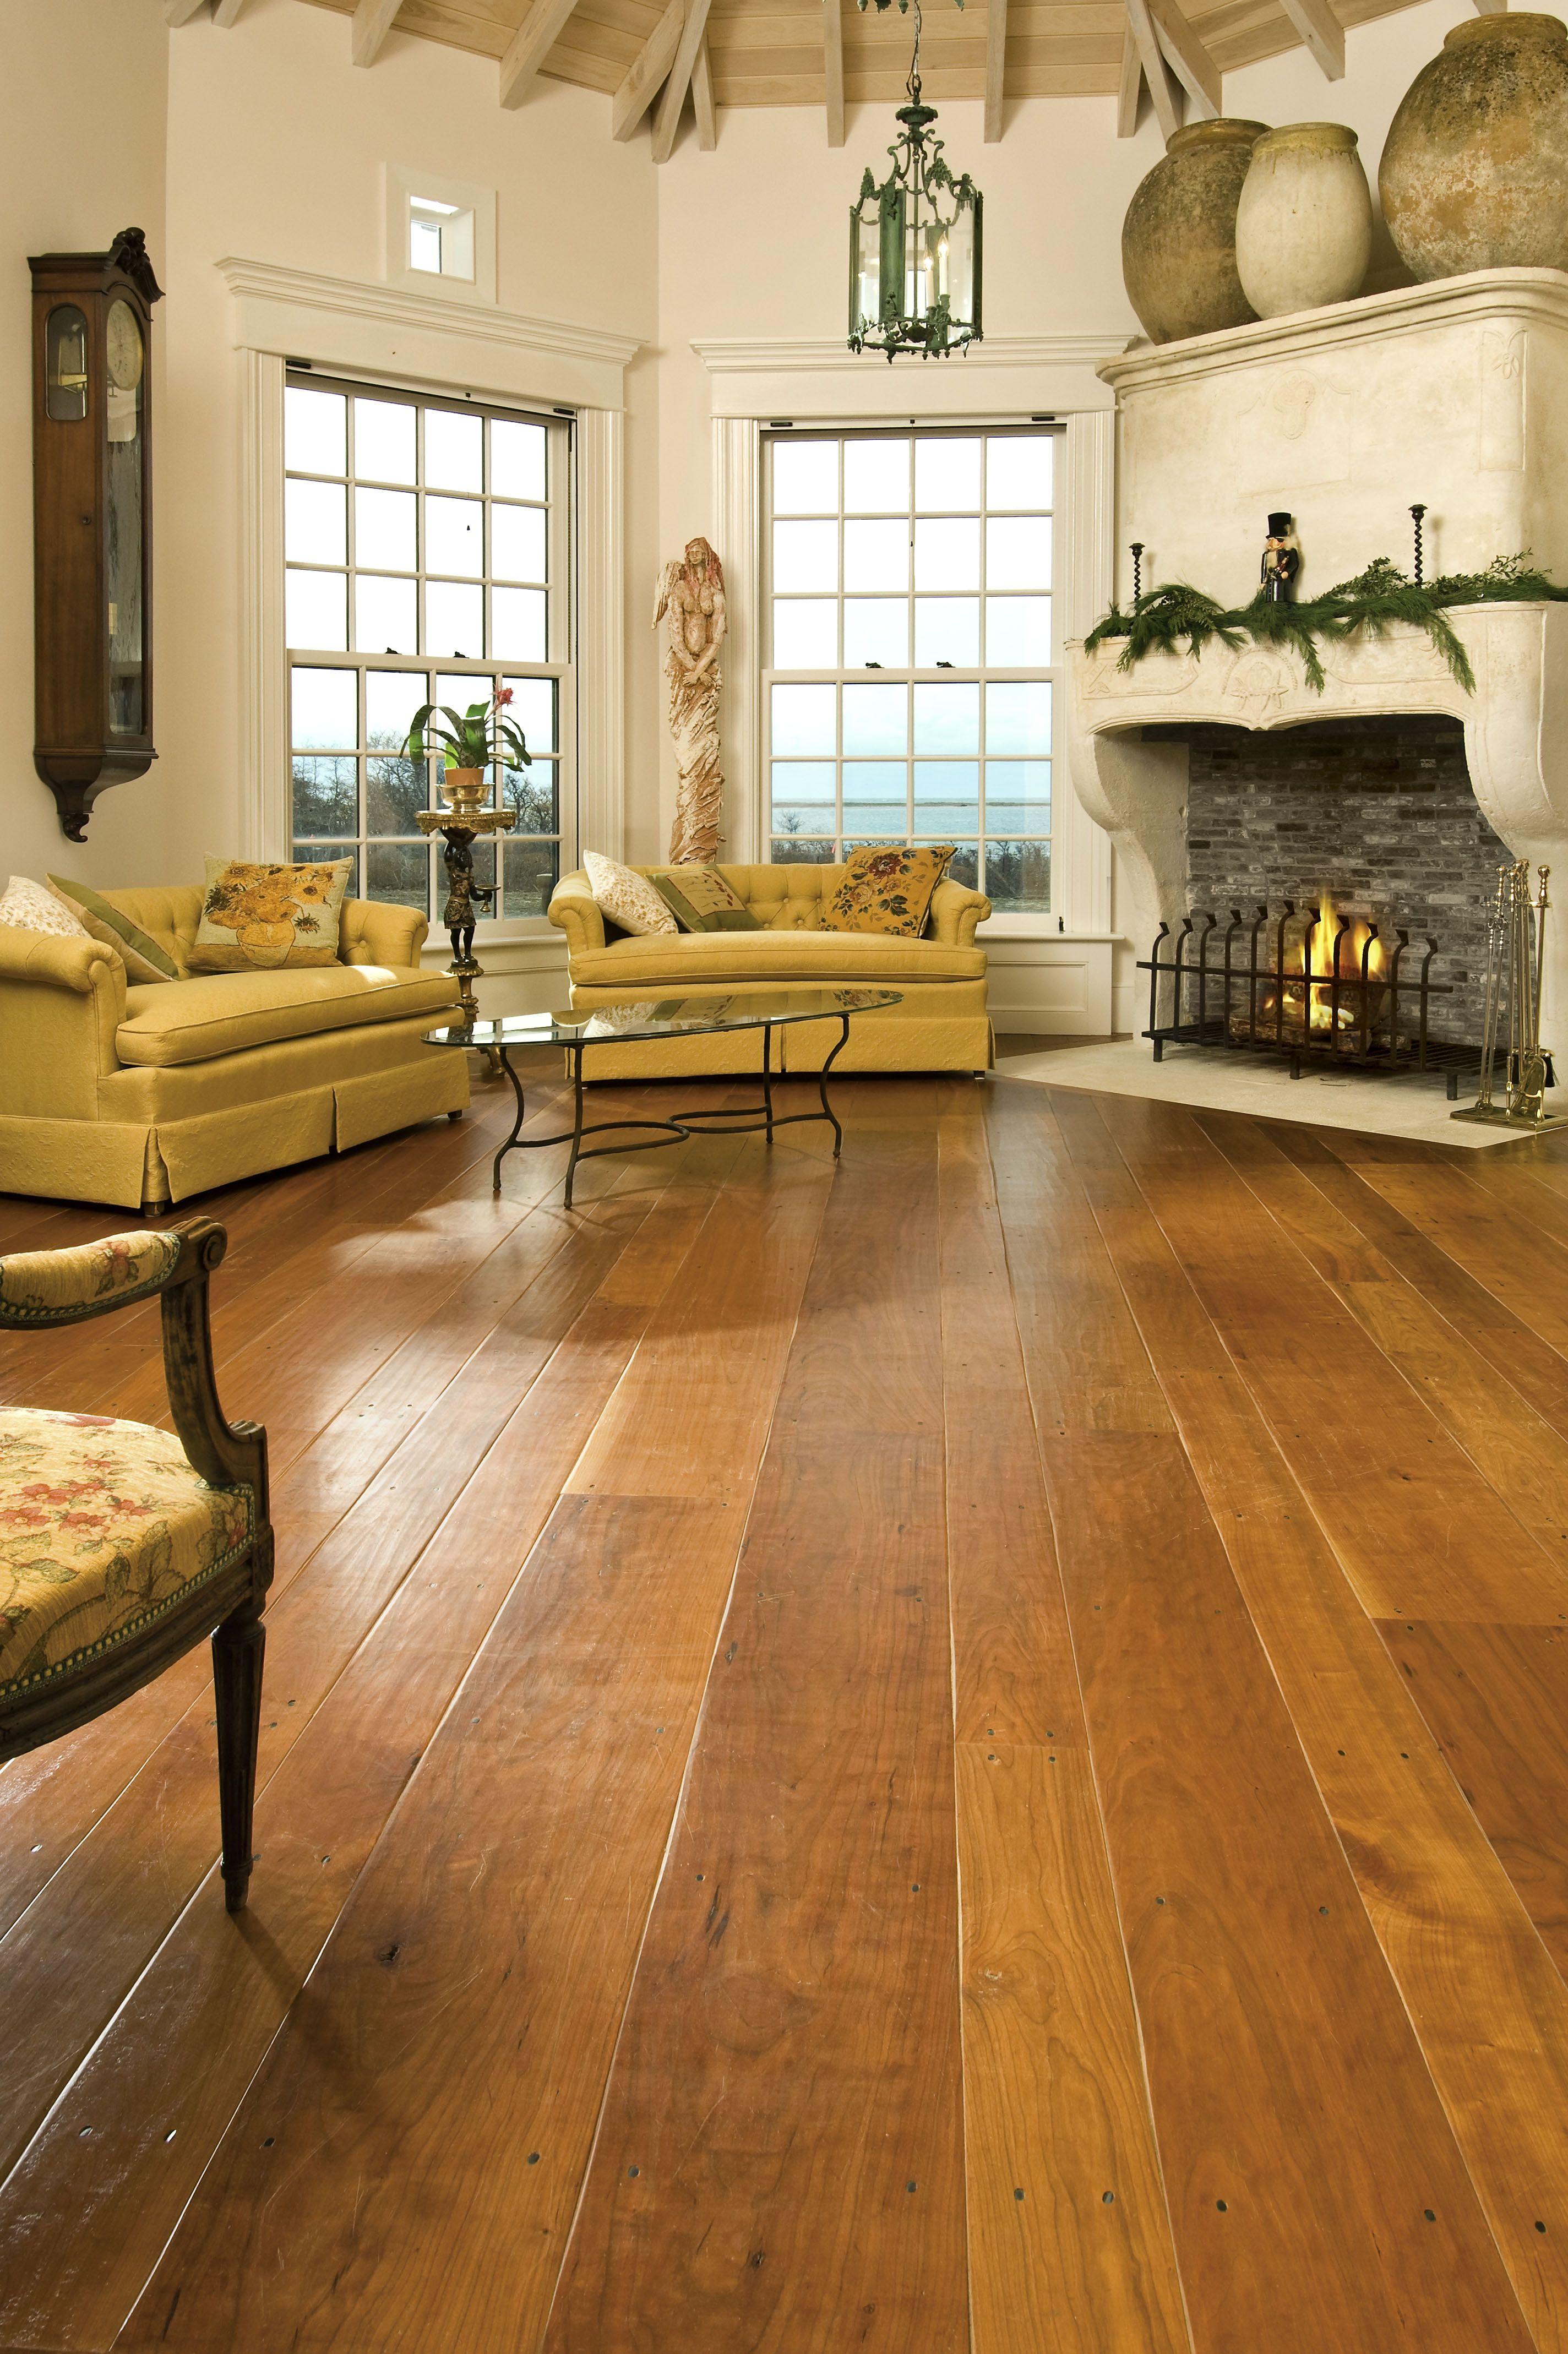 Cherry Hardwood Flooring in a Nantucket Living Room in